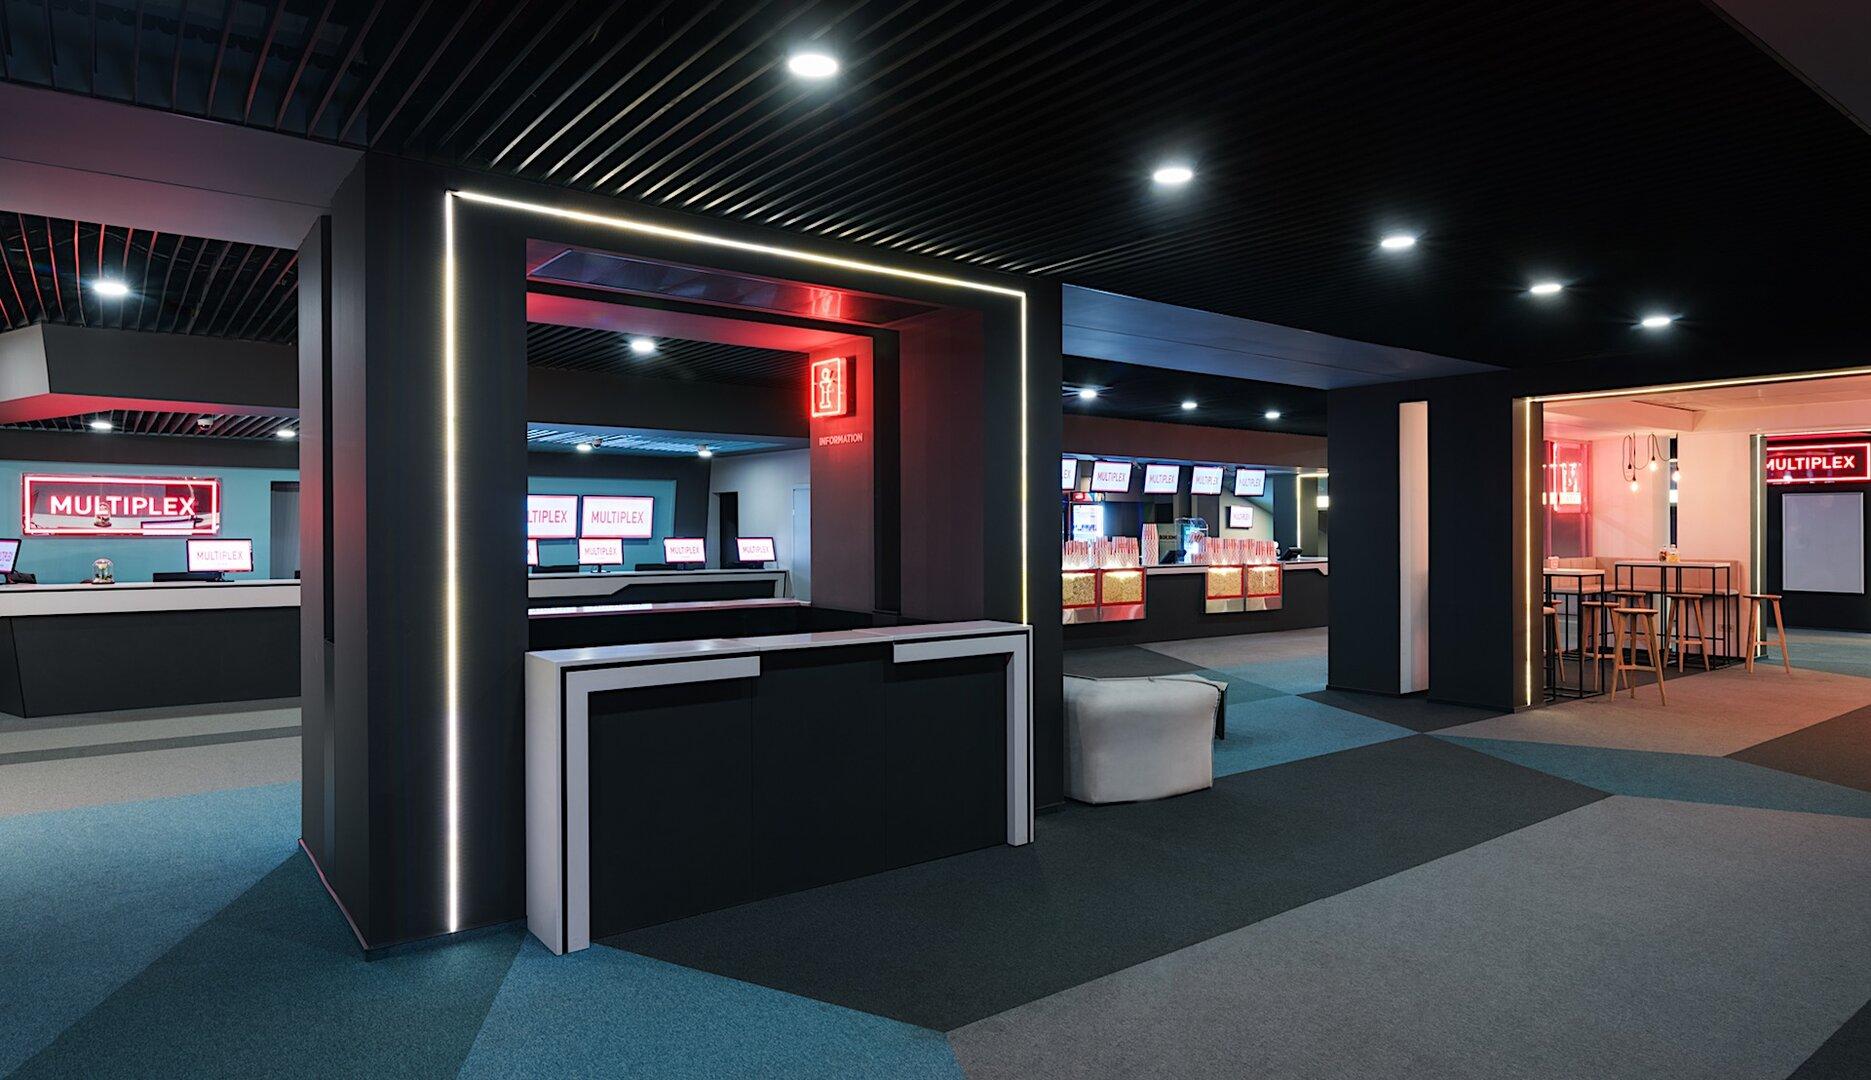 цены на билеты в кинотеатр украина керчь